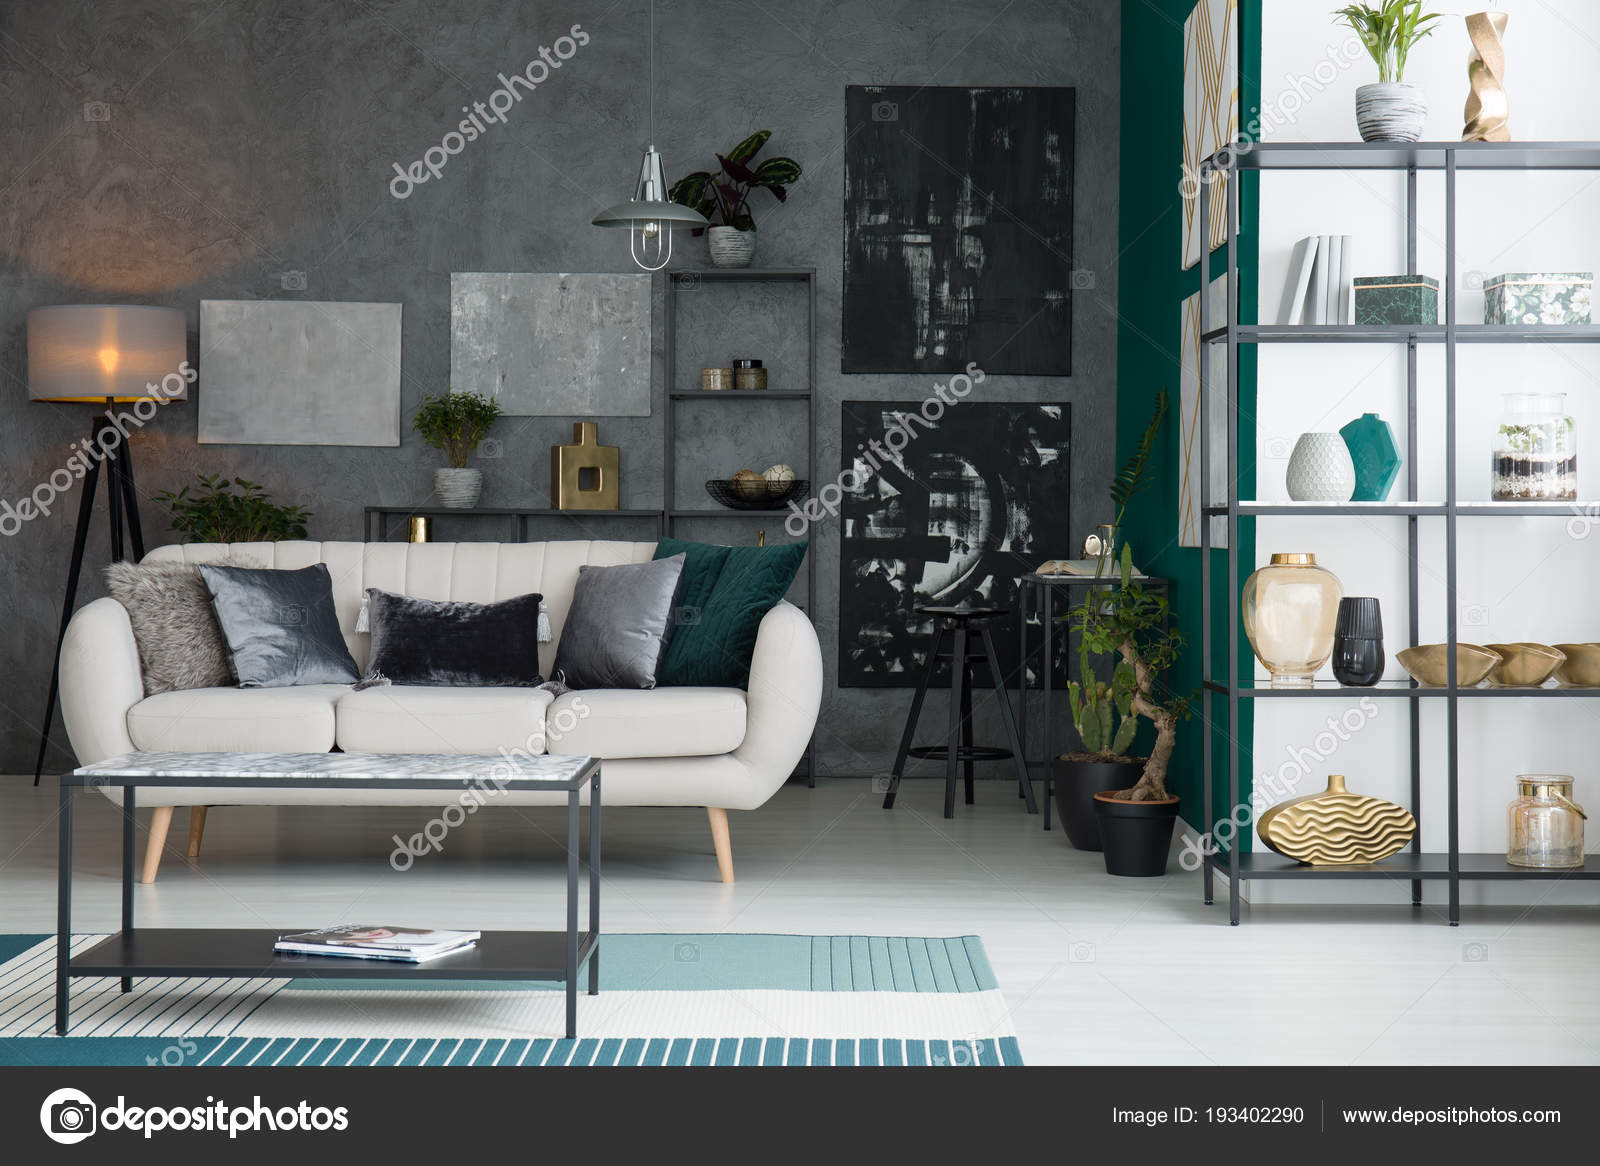 https://st3.depositphotos.com/2249091/19340/i/1600/depositphotos_193402290-stockafbeelding-zwarte-grijze-abstracte-schilderijen-opknoping.jpg